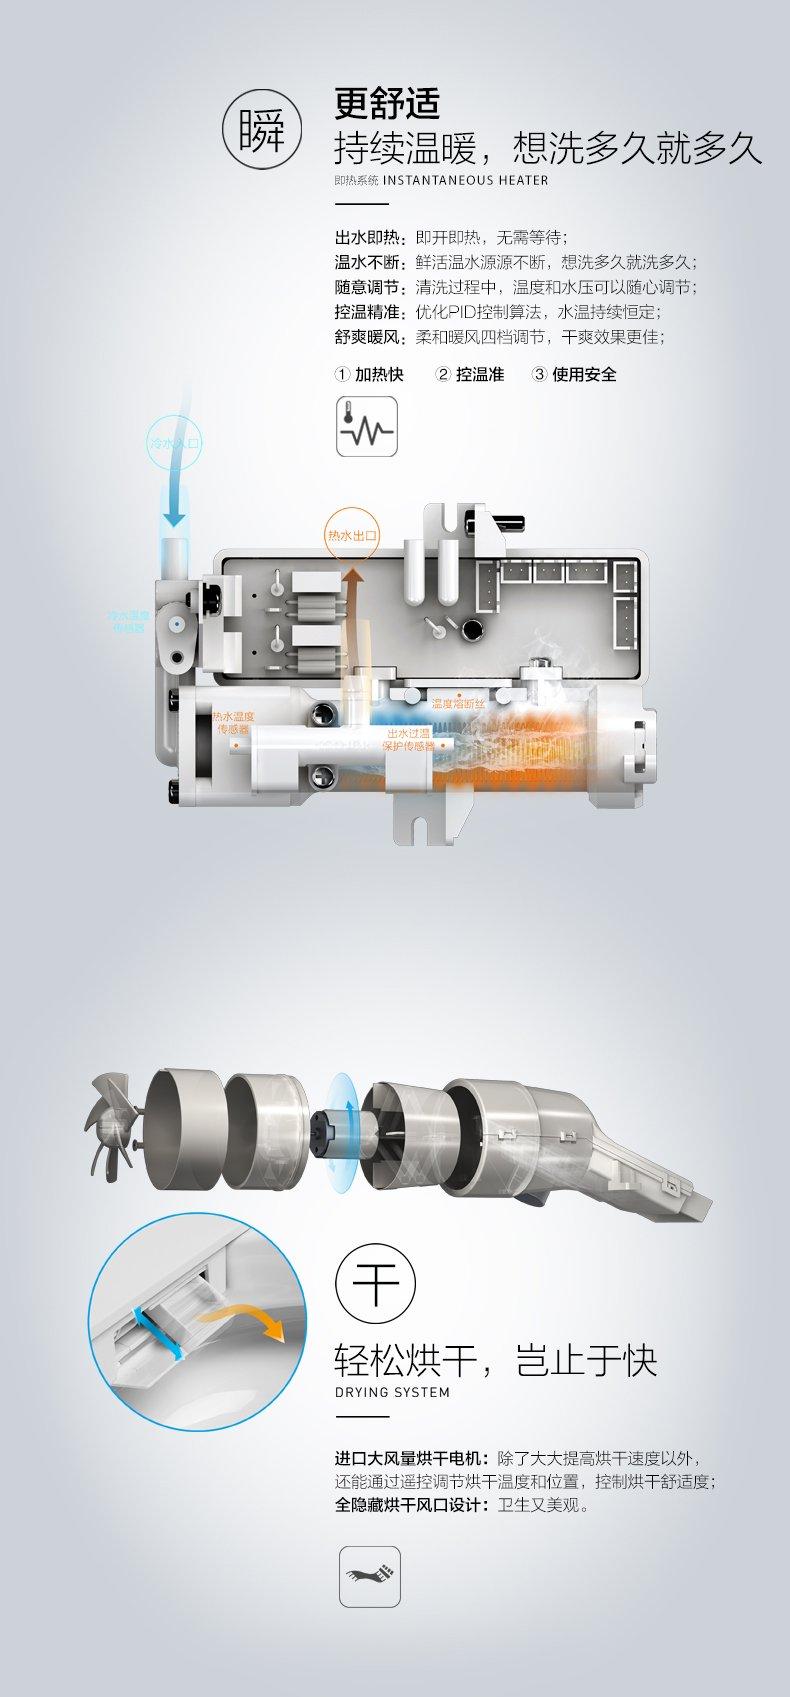 和成衛浴 家用馬桶03850一體式即熱全自動沖洗多功能智能馬桶效果圖